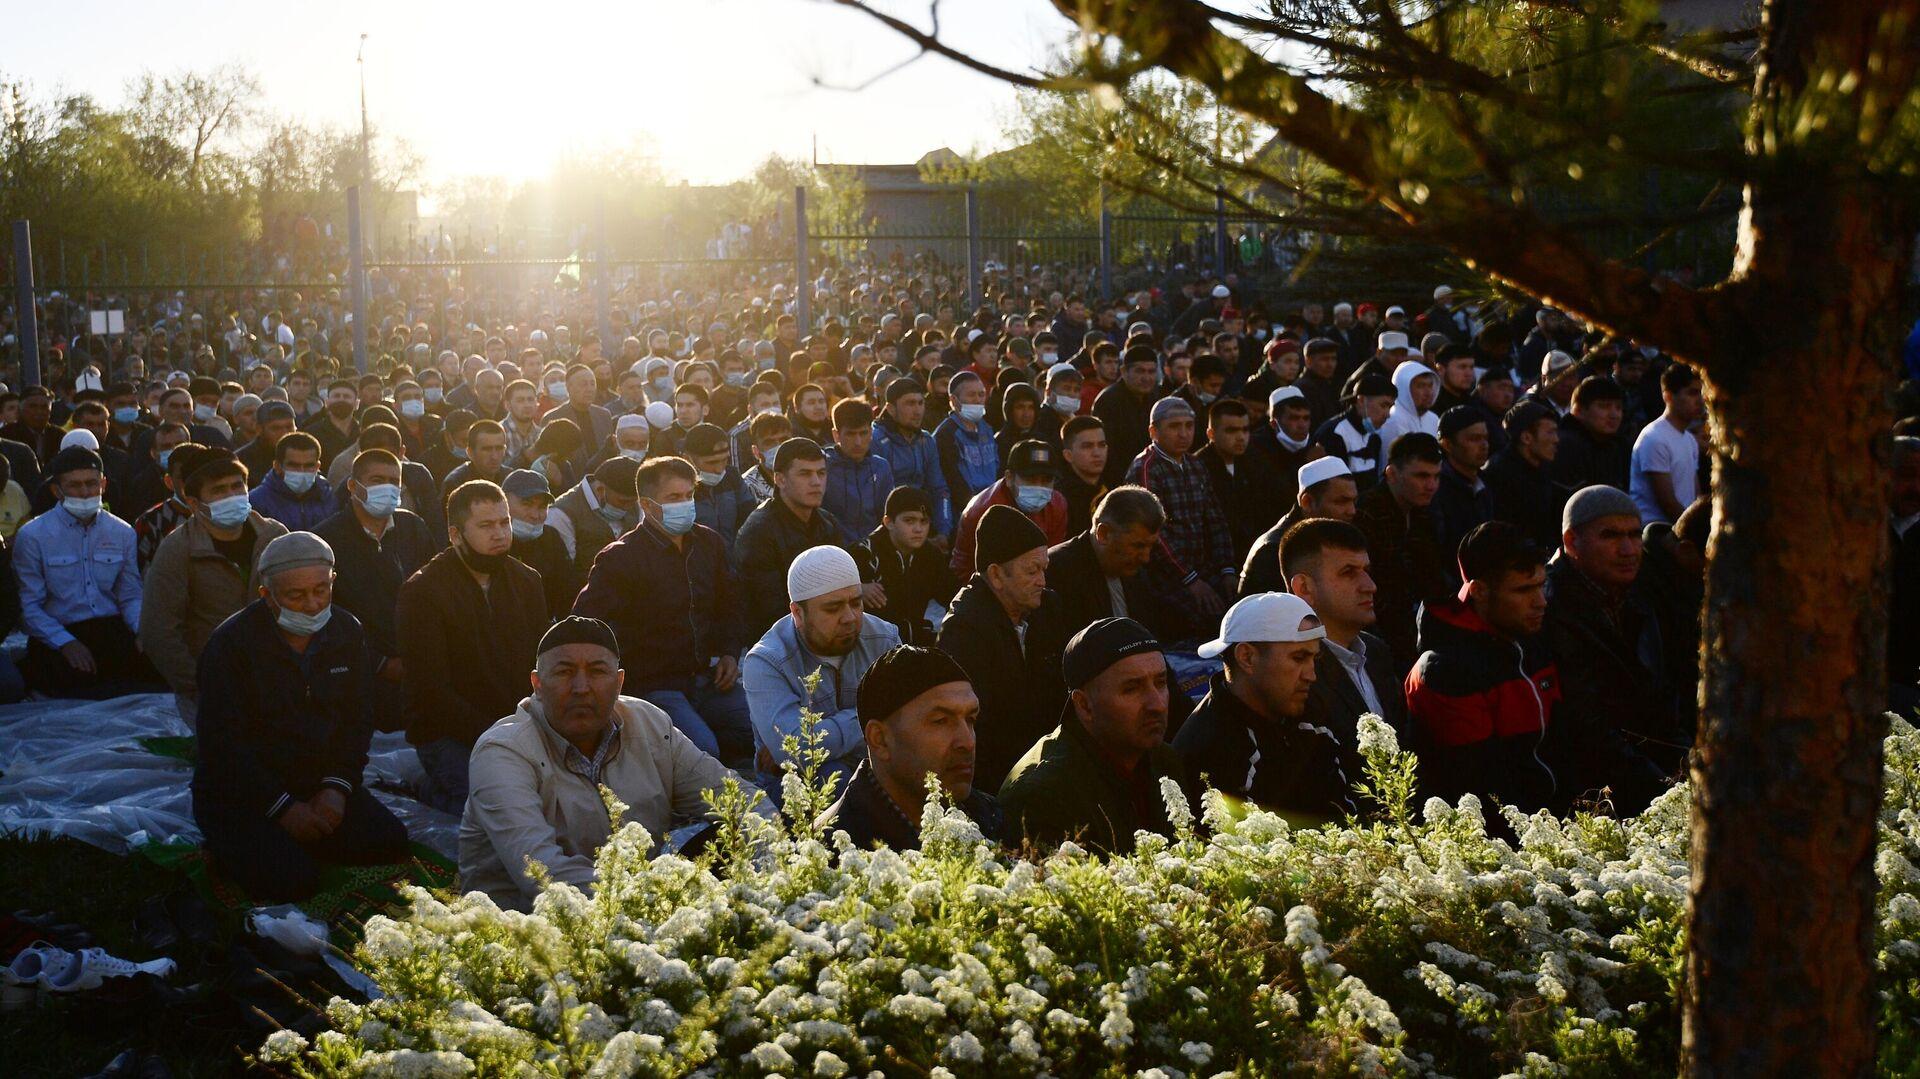 Верующие возле мечети во время праздничной молитвы в честь Ураза-байрама в Екатеринбурге - РИА Новости, 1920, 13.05.2021